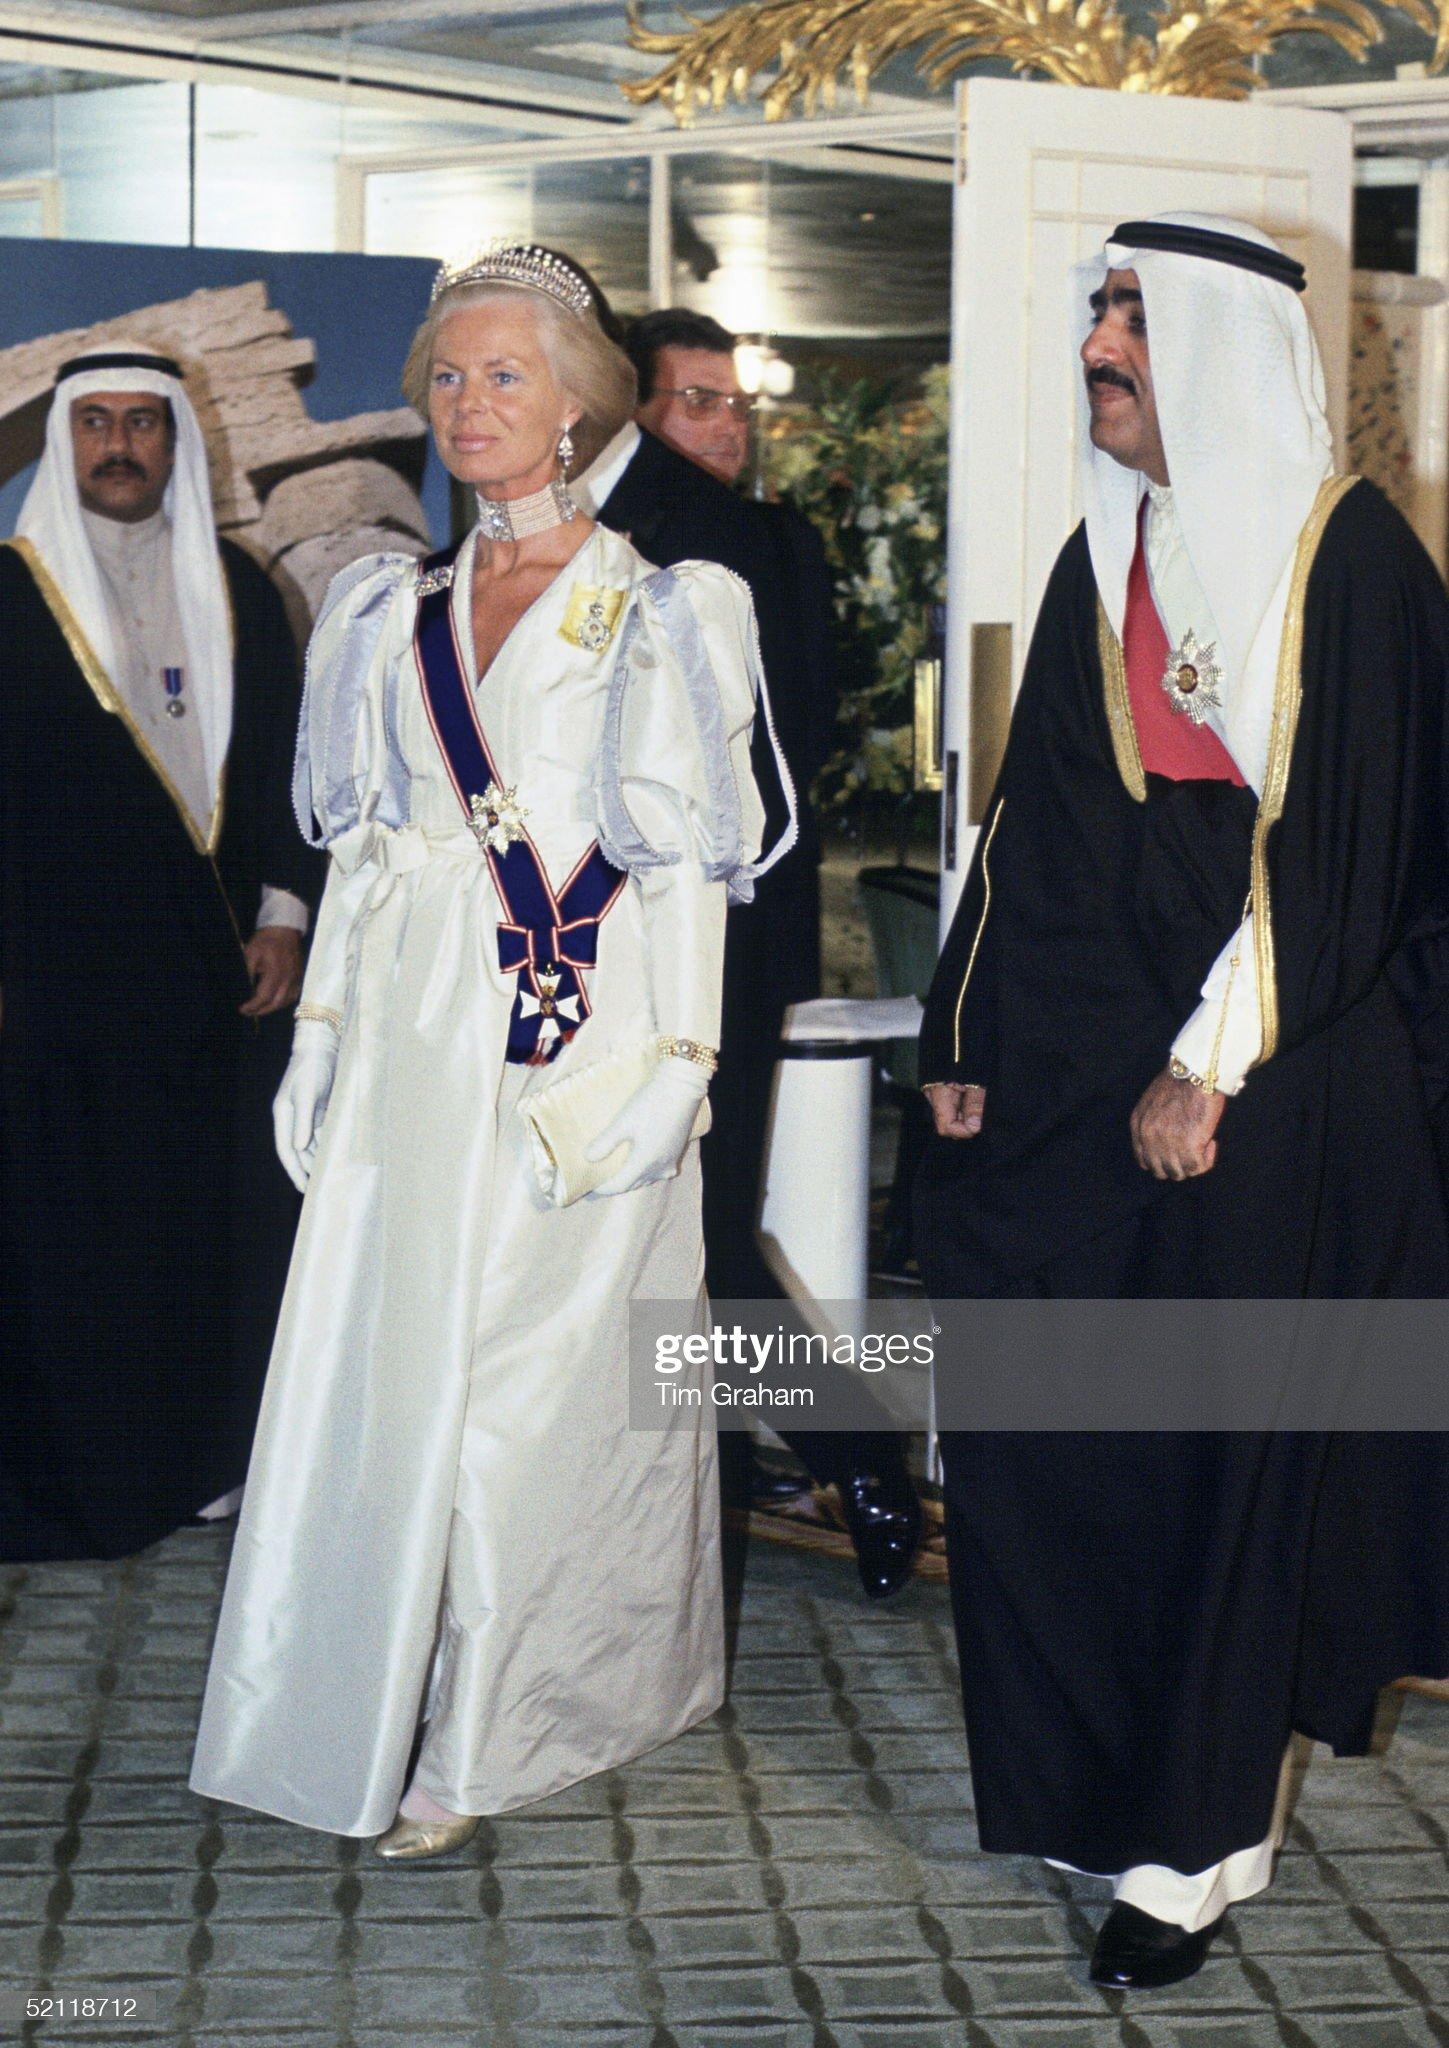 Duchess Of Kent At Banquet : News Photo